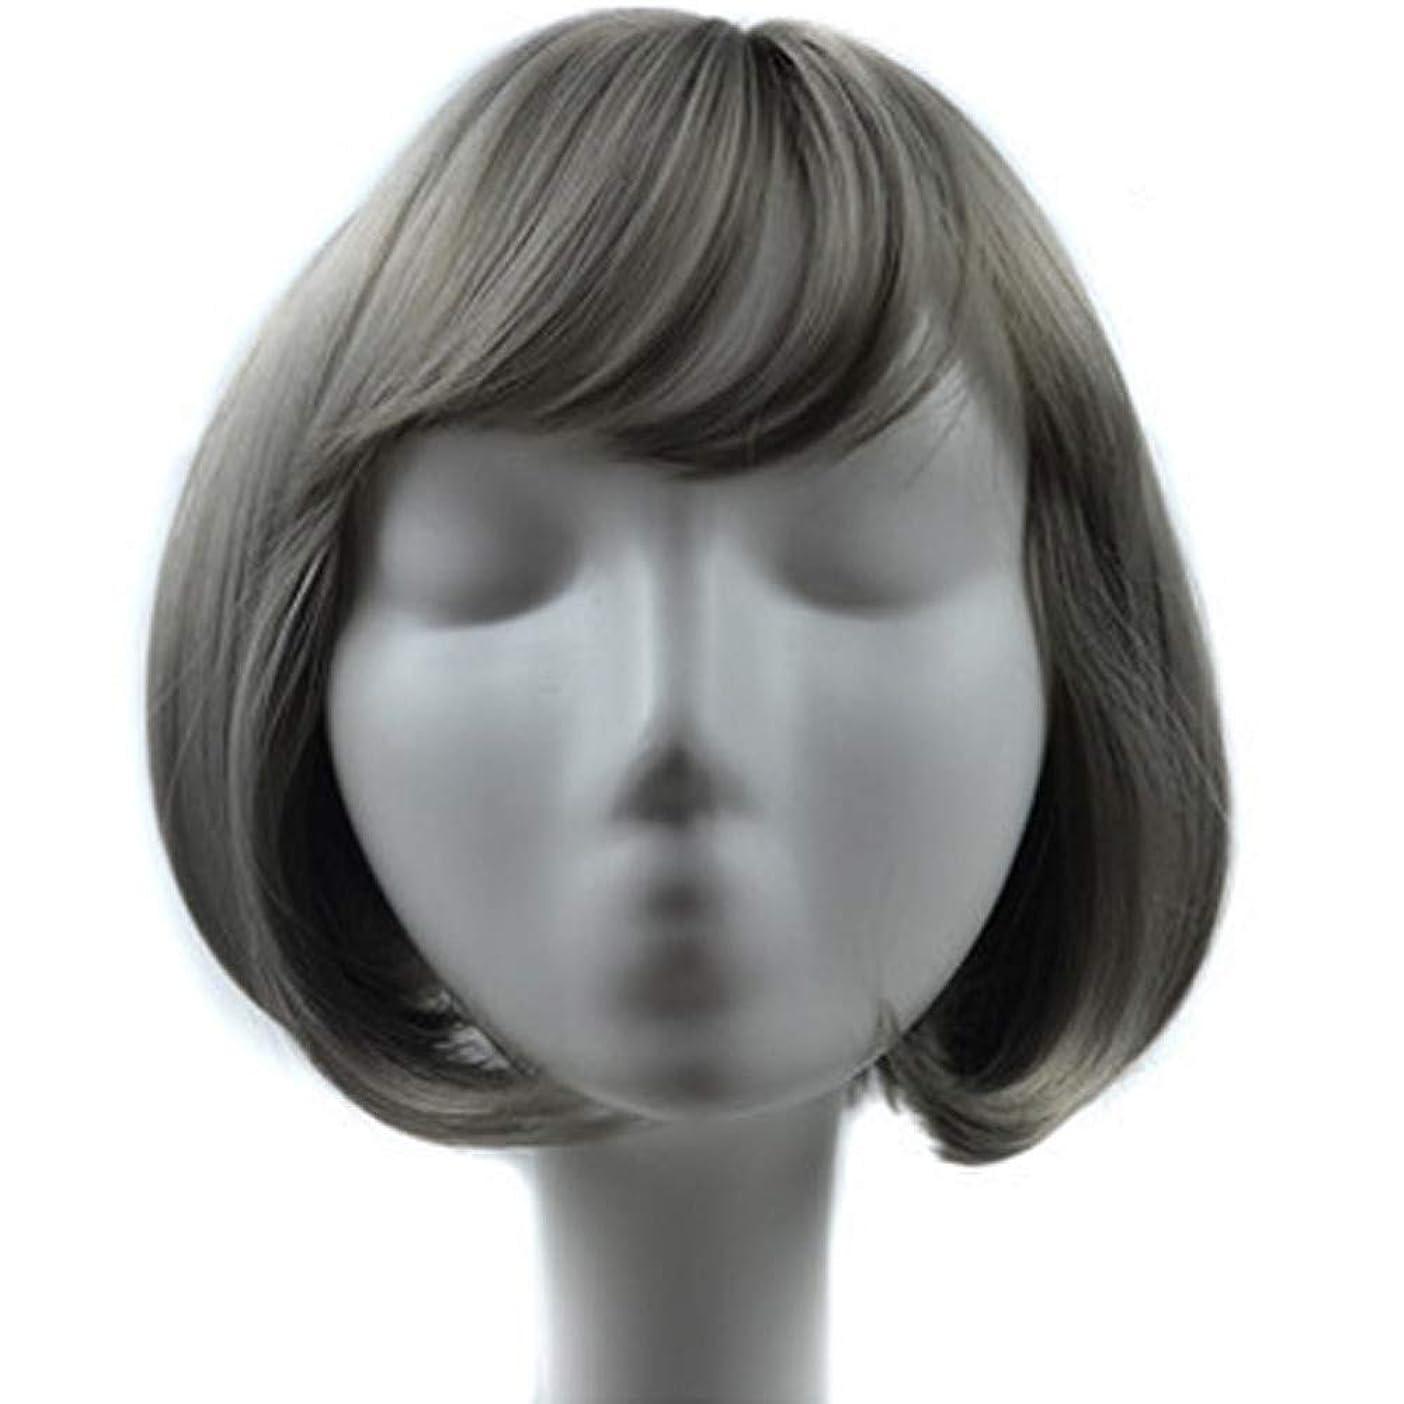 ドループショットスキムLazayyii女子 かつら エアバン 天然のリアル ヘア前髪エアバンボボヘッドナシウィッグ (グレー)